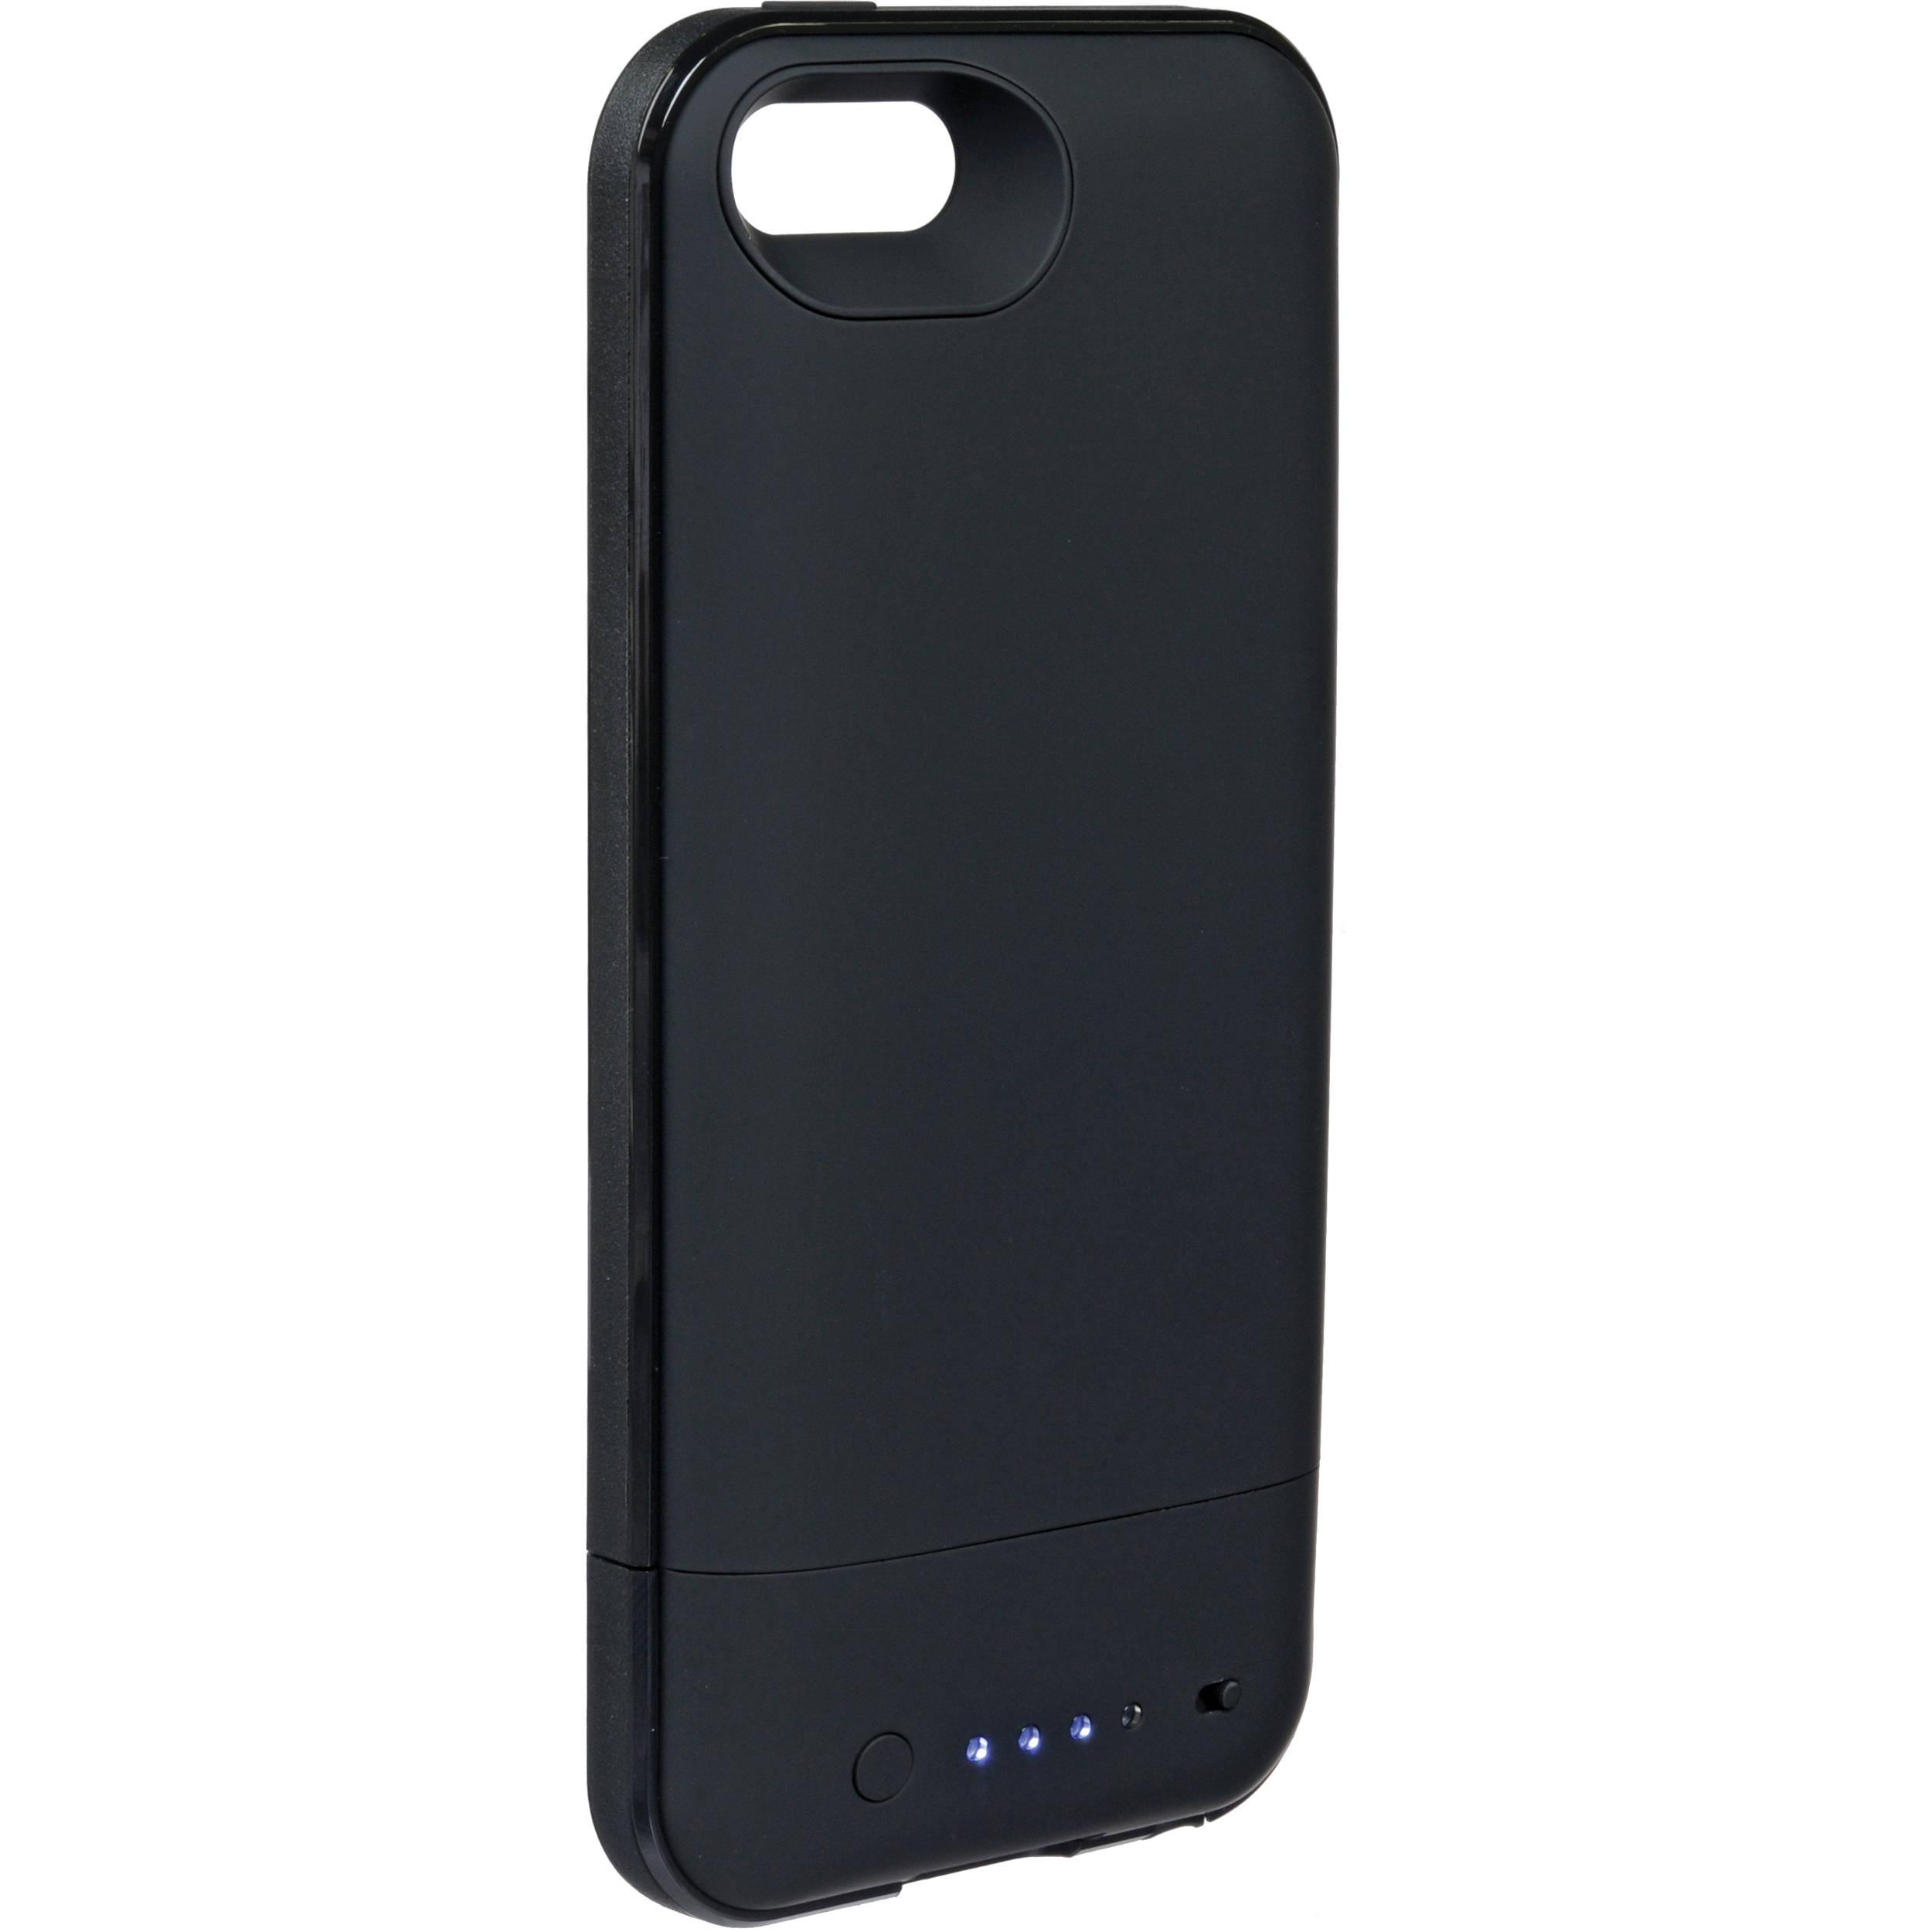 size 40 6038d 4d165 mophie juice pack plus for iPhone 5/5s/SE (Black)